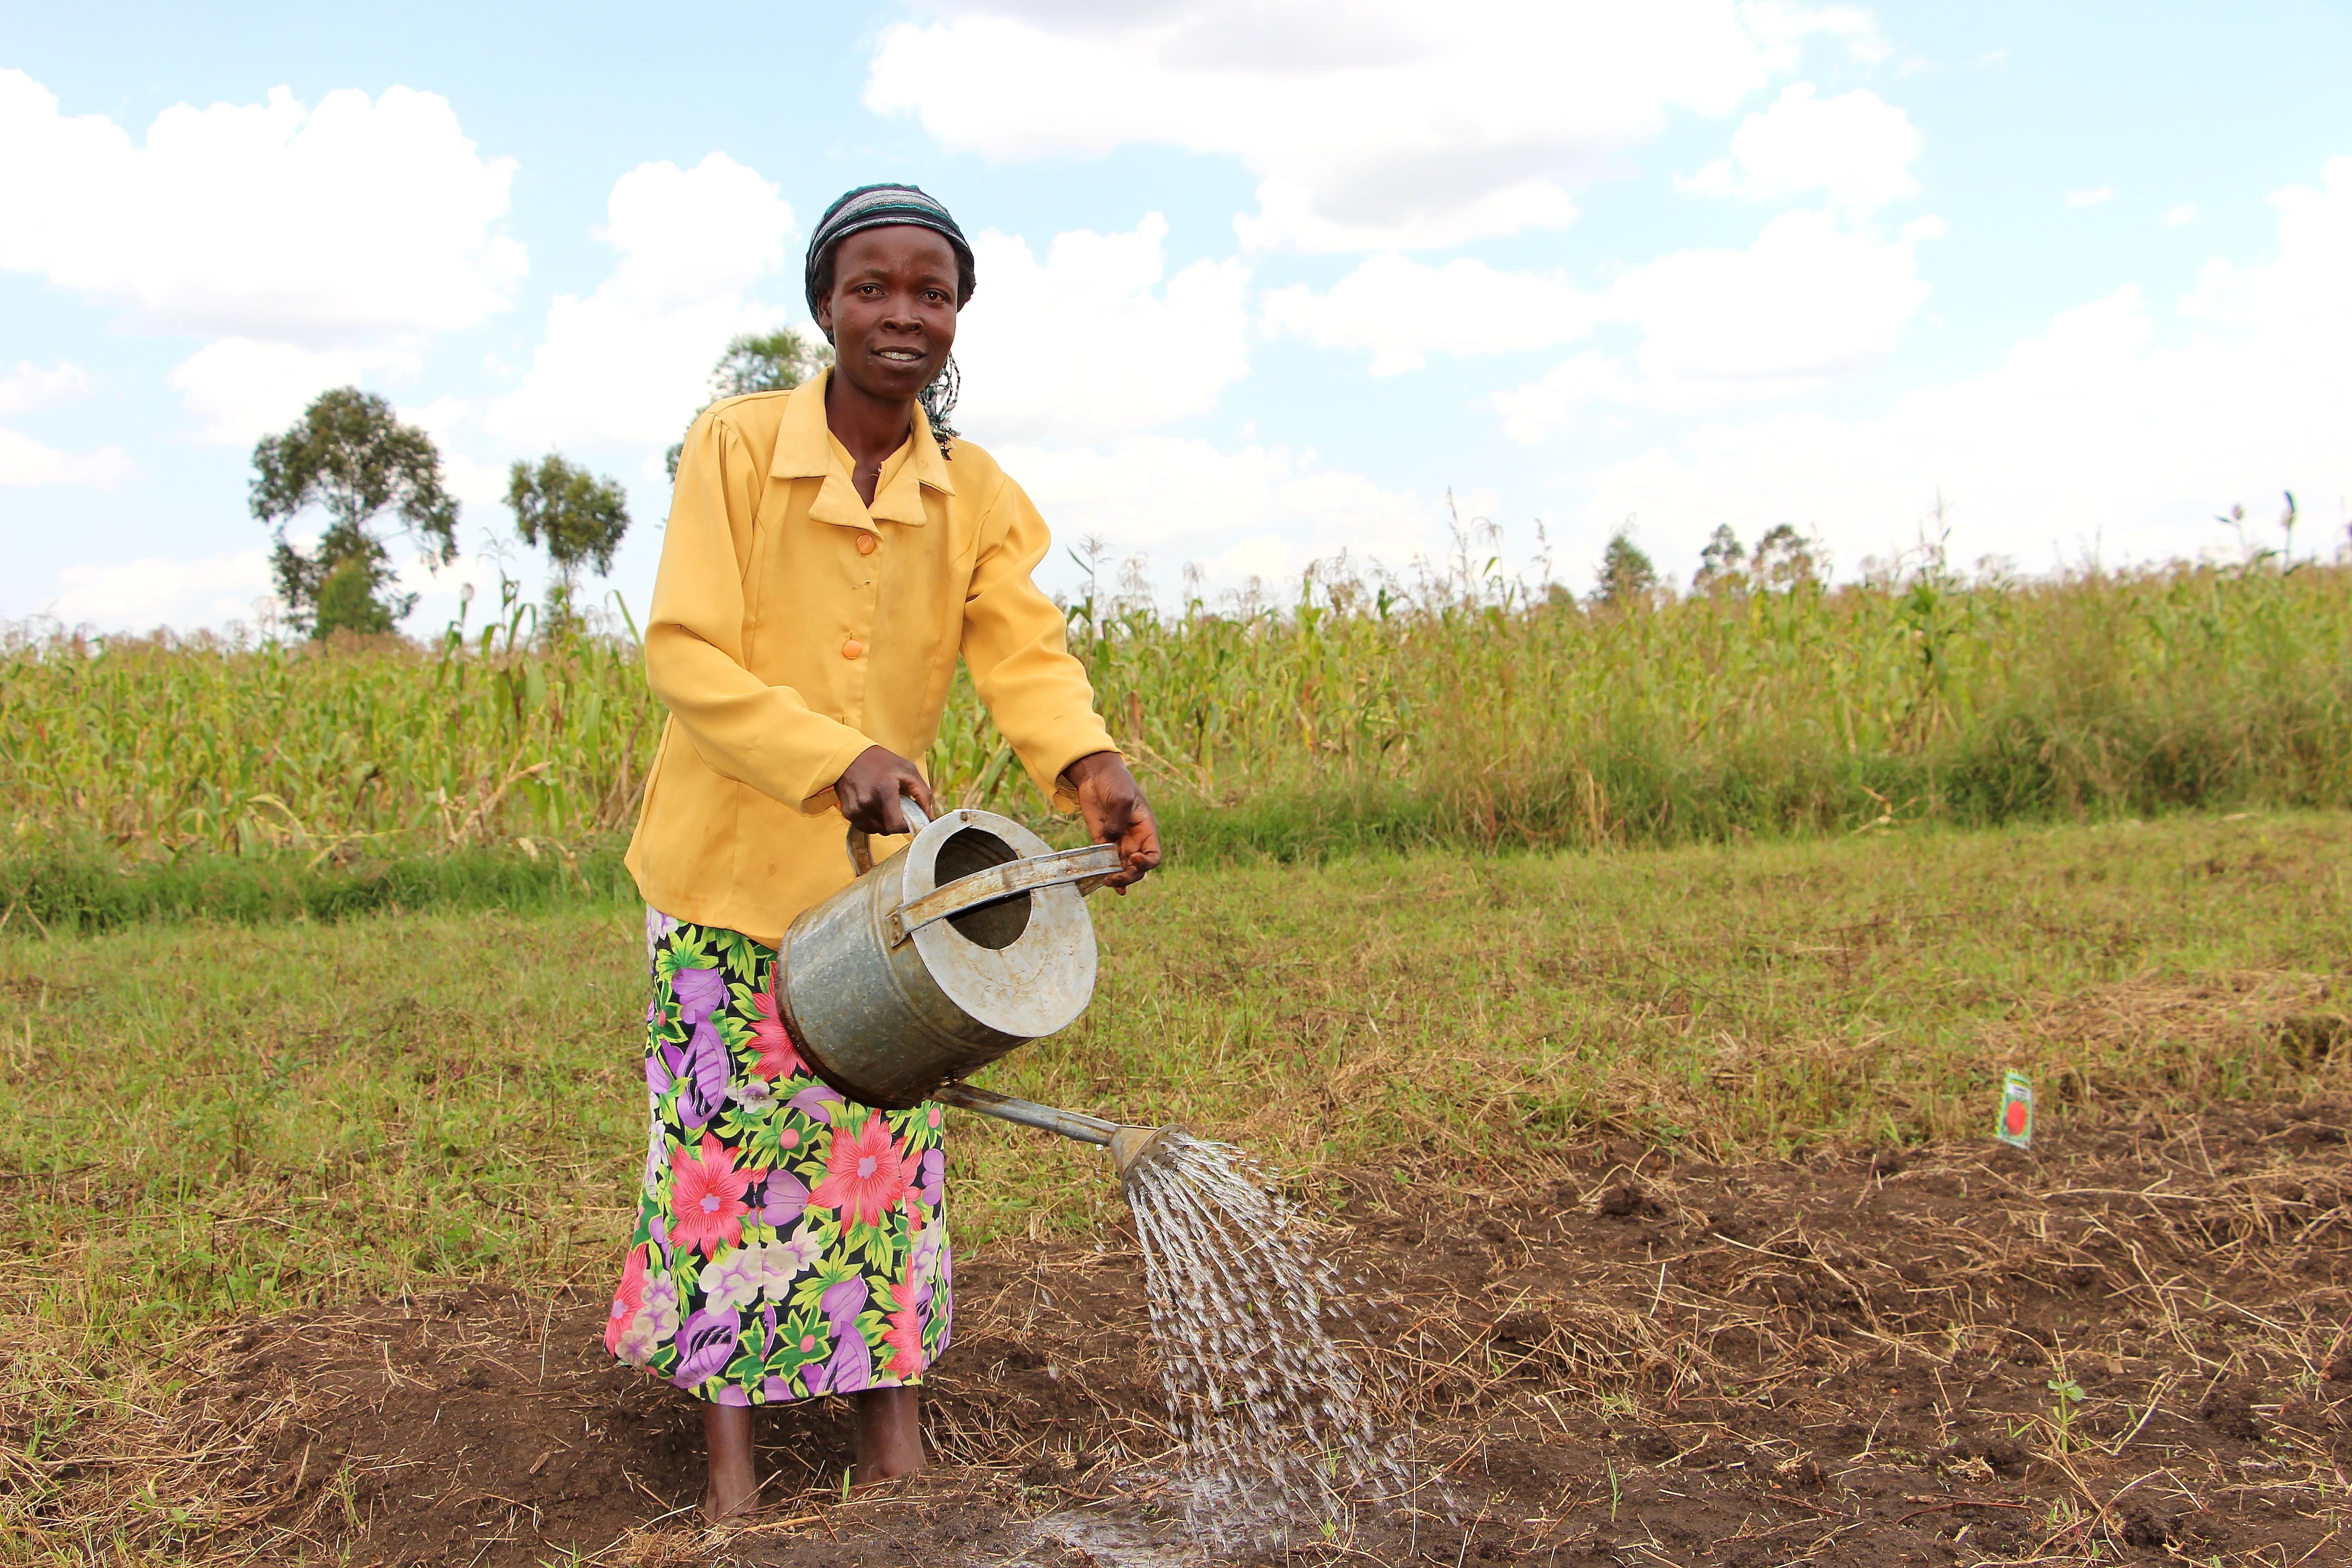 African woman watering fields